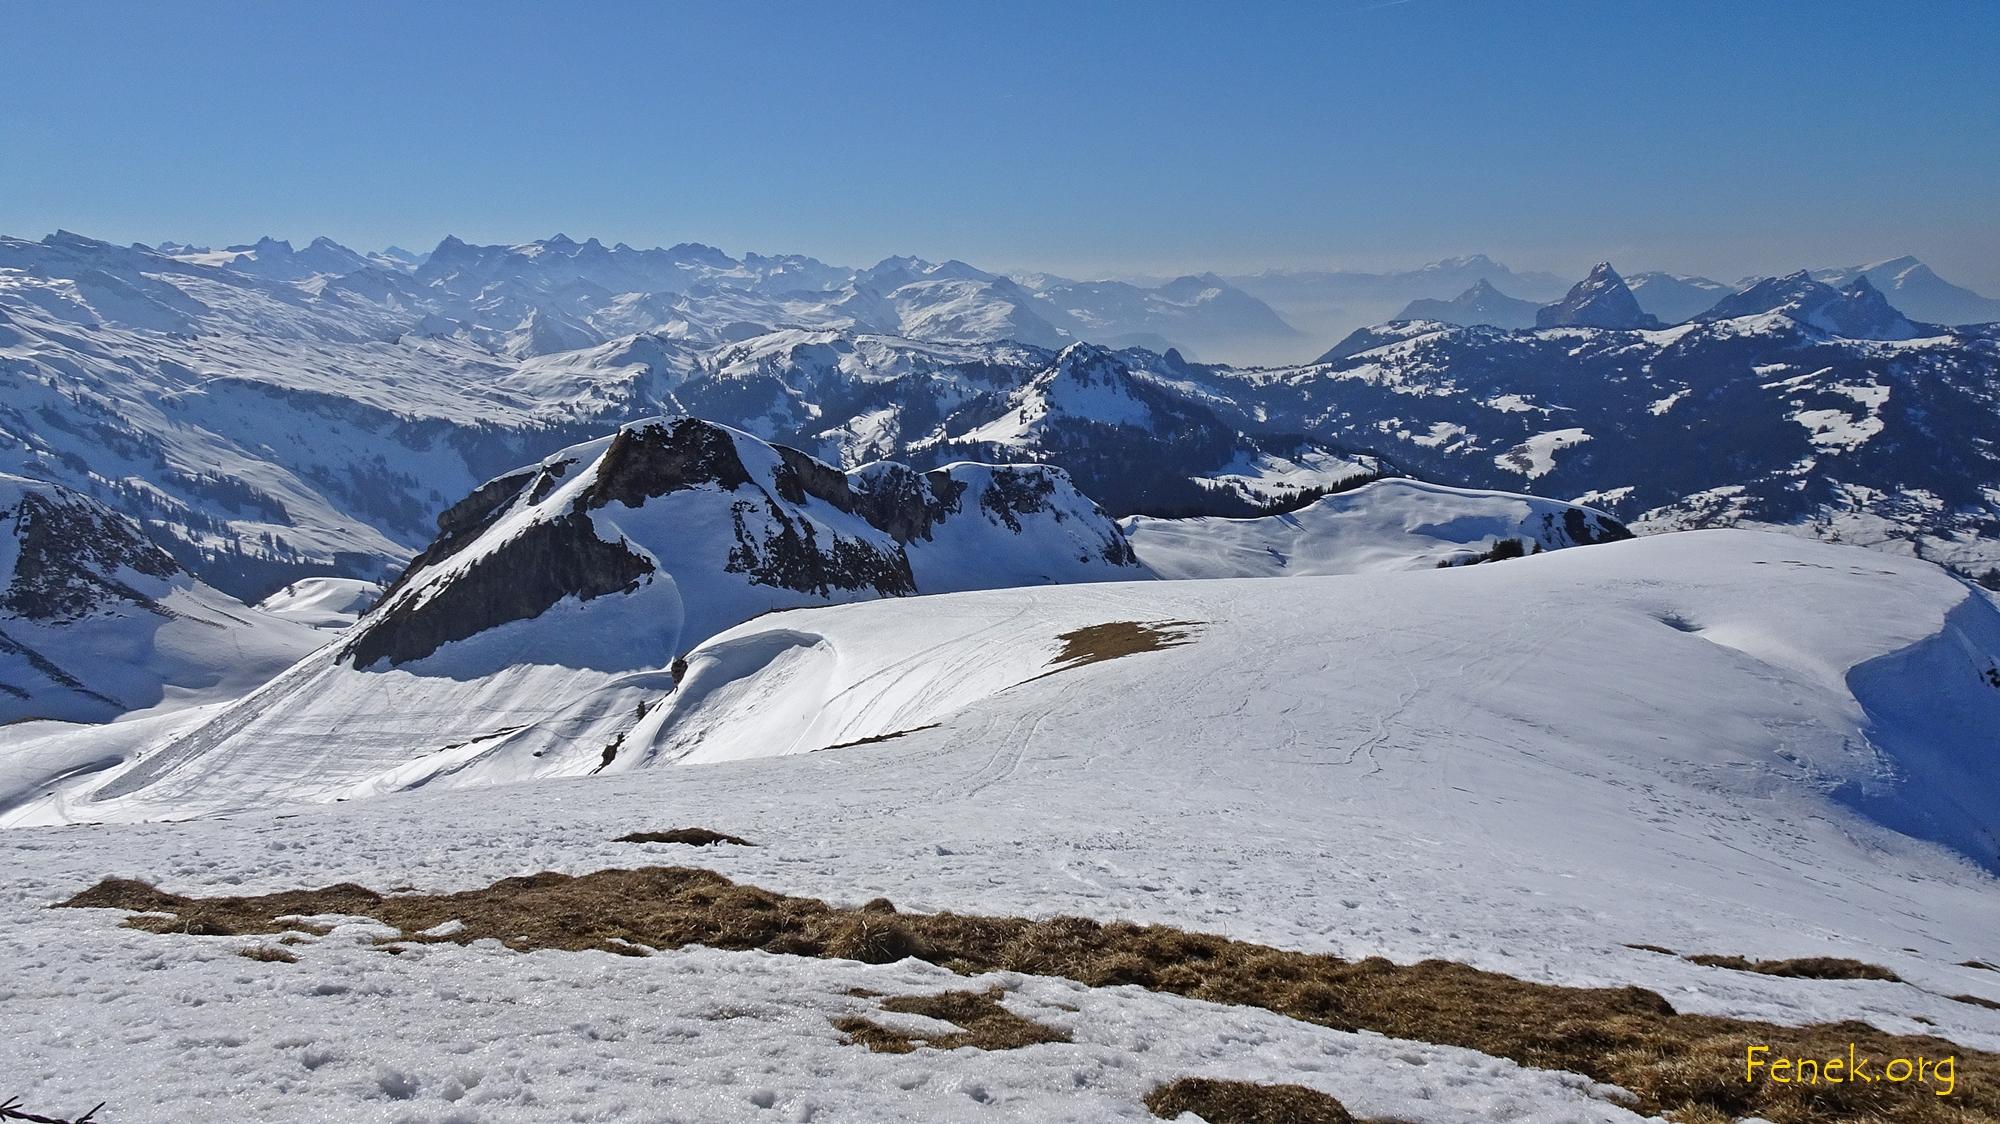 Vordergrund Fidisberg - und viele, viele Gipfel